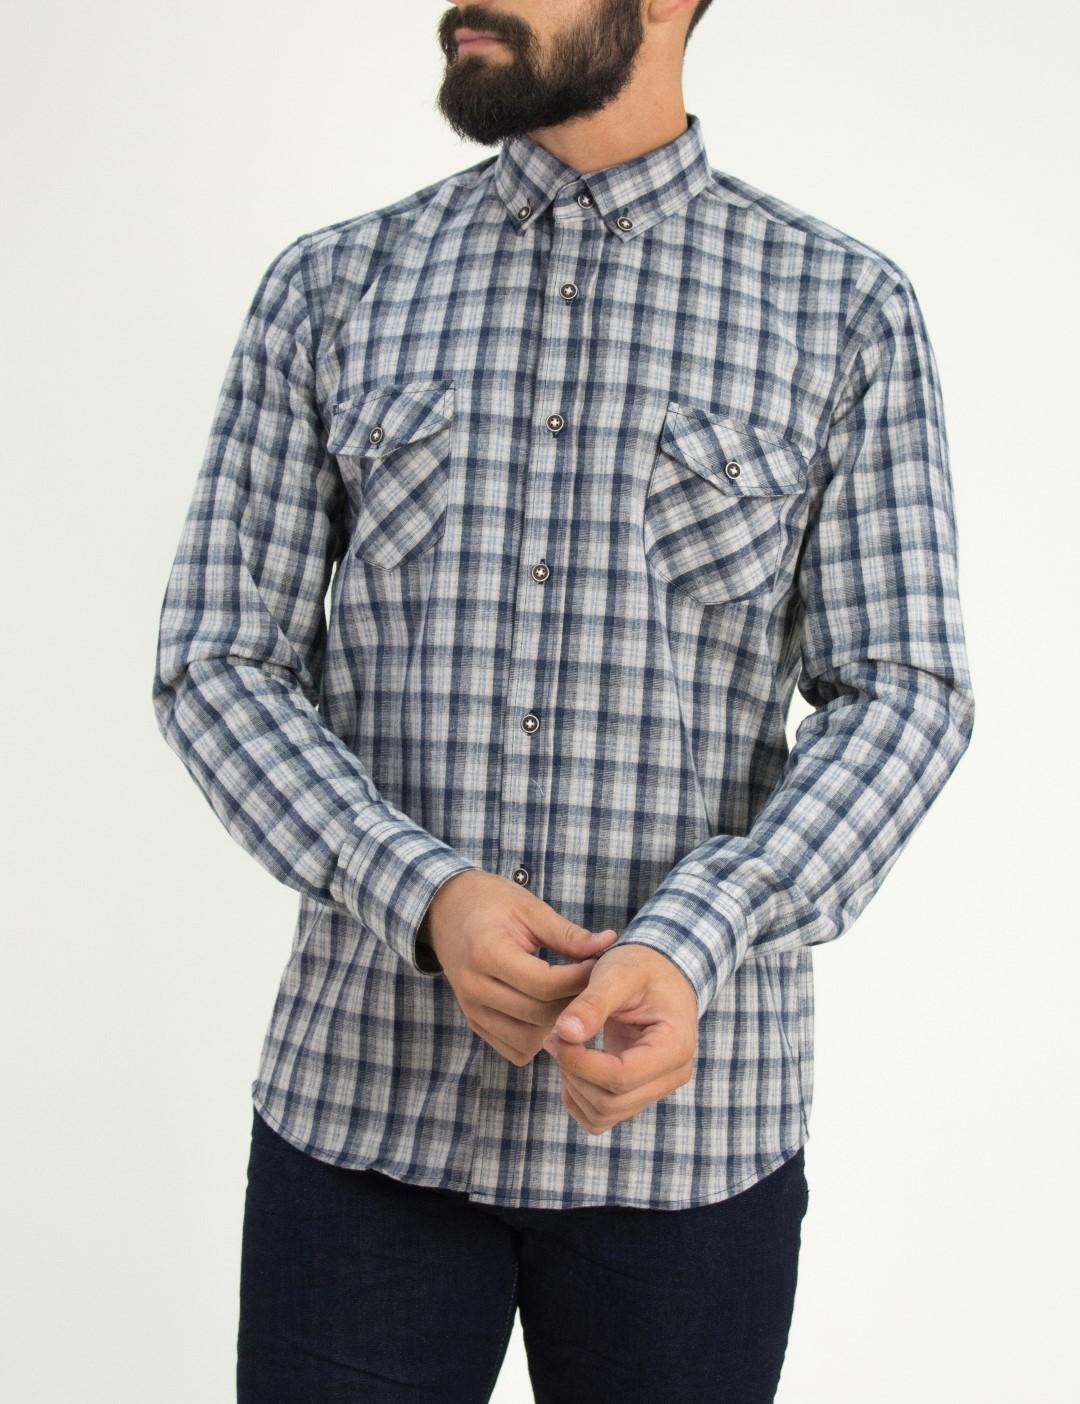 Ανδρικό μπλε καρό πουκάμισο με τσεπάκια Ben Tailor 0091F c1a25acbf26